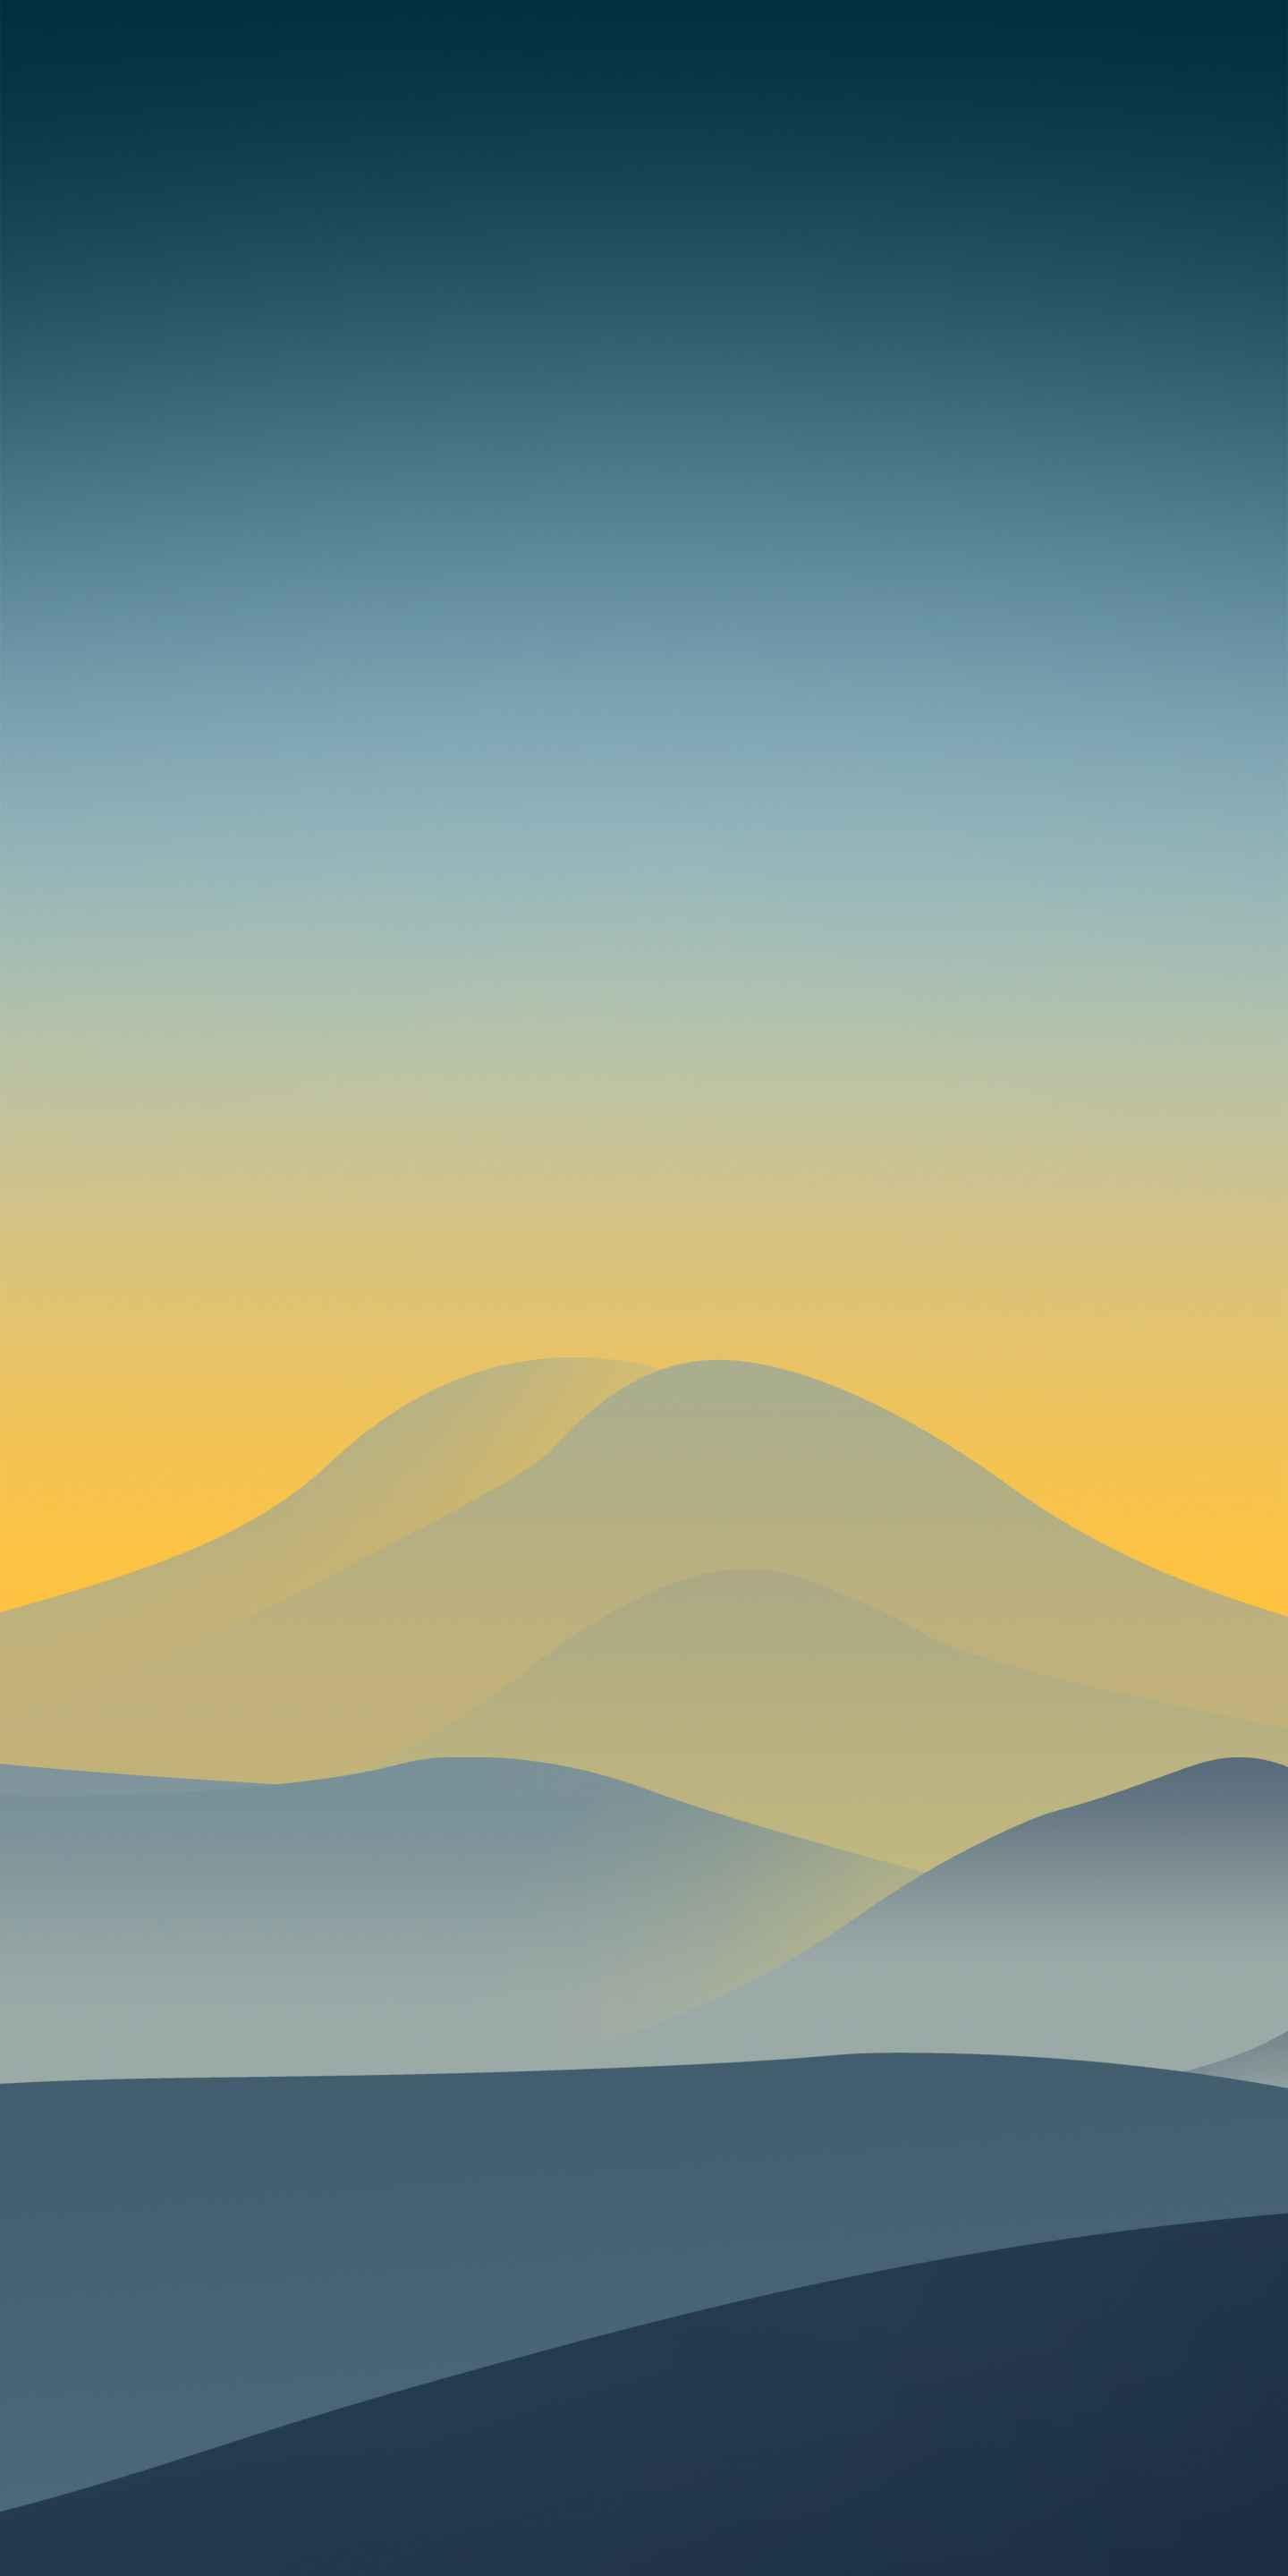 Halloween Iphone Wallpaper Cute Desert Mountain Minimal Iphone Wallpaper Iphone Wallpapers